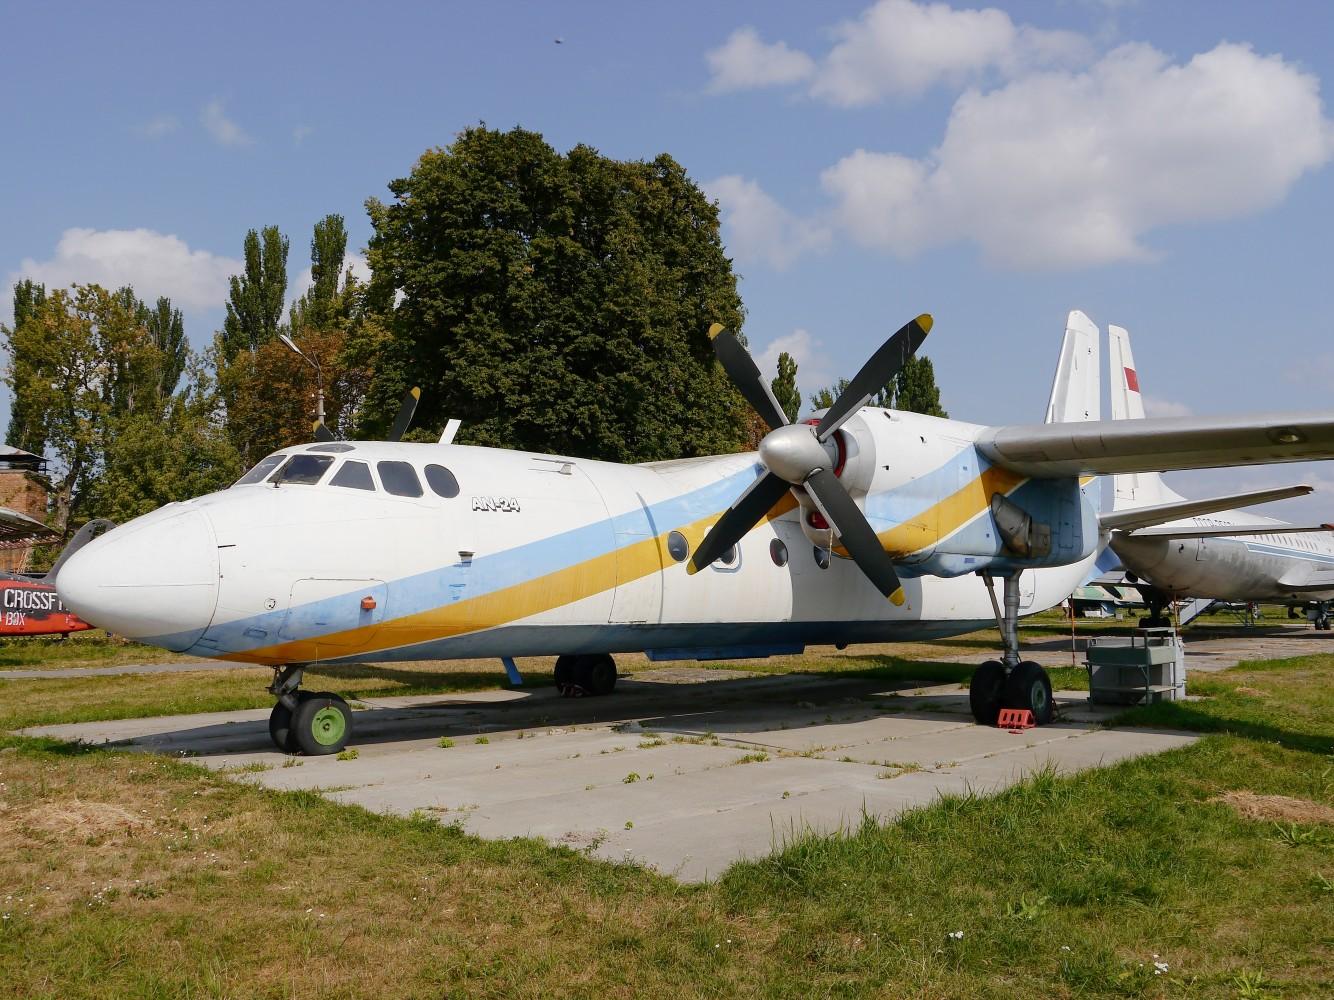 Kliknij obrazek, aby uzyskać większą wersję  Nazwa:An-24B.jpg Wyświetleń:29 Rozmiar:392,1 KB ID:234618